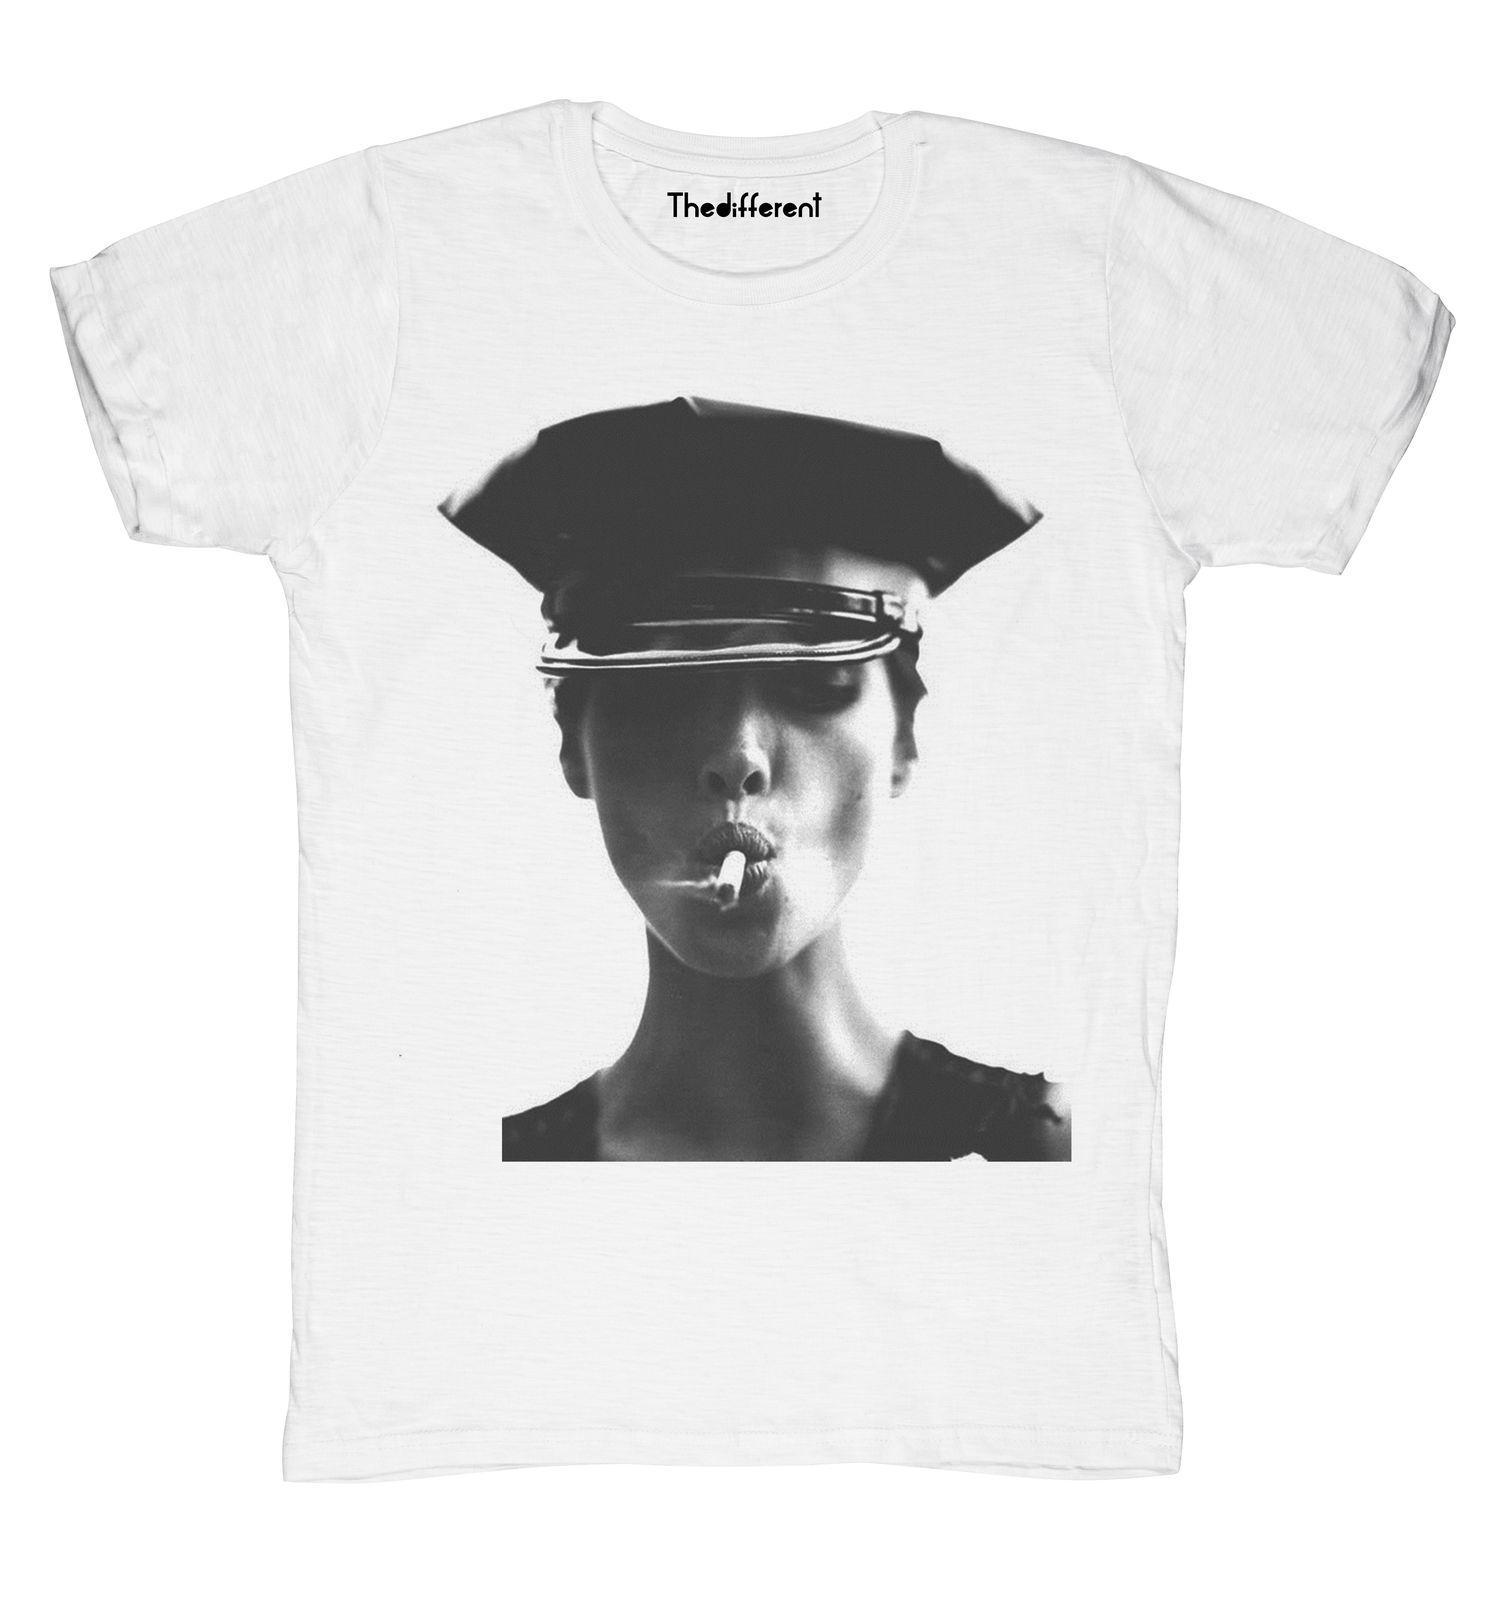 low priced 756da e7c1a neu T-Shirt Feuer Herren Modell smoke Militar Geschenkidee